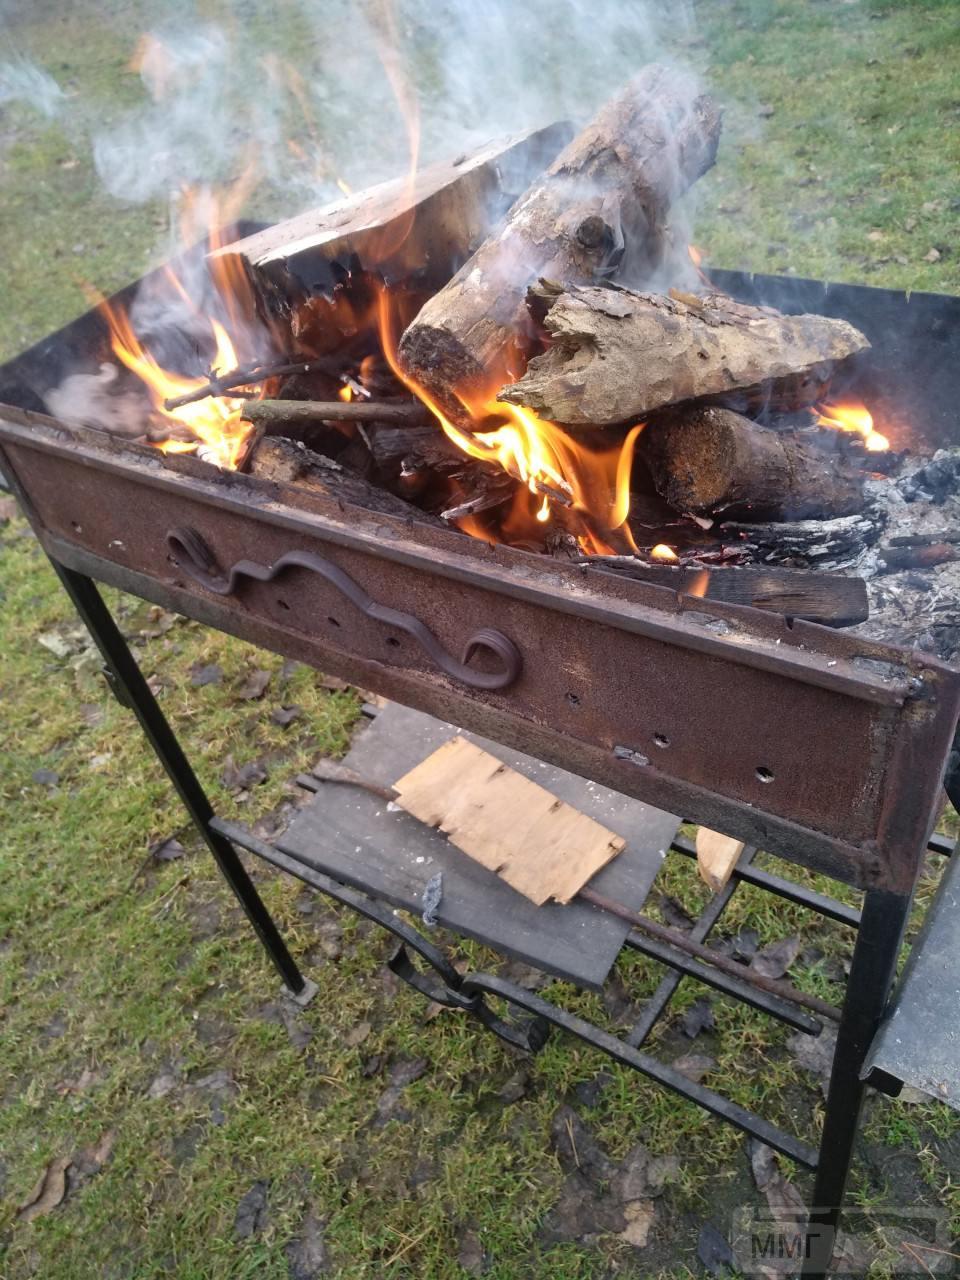 87116 - Закуски на огне (мангал, барбекю и т.д.) и кулинария вообще. Советы и рецепты.